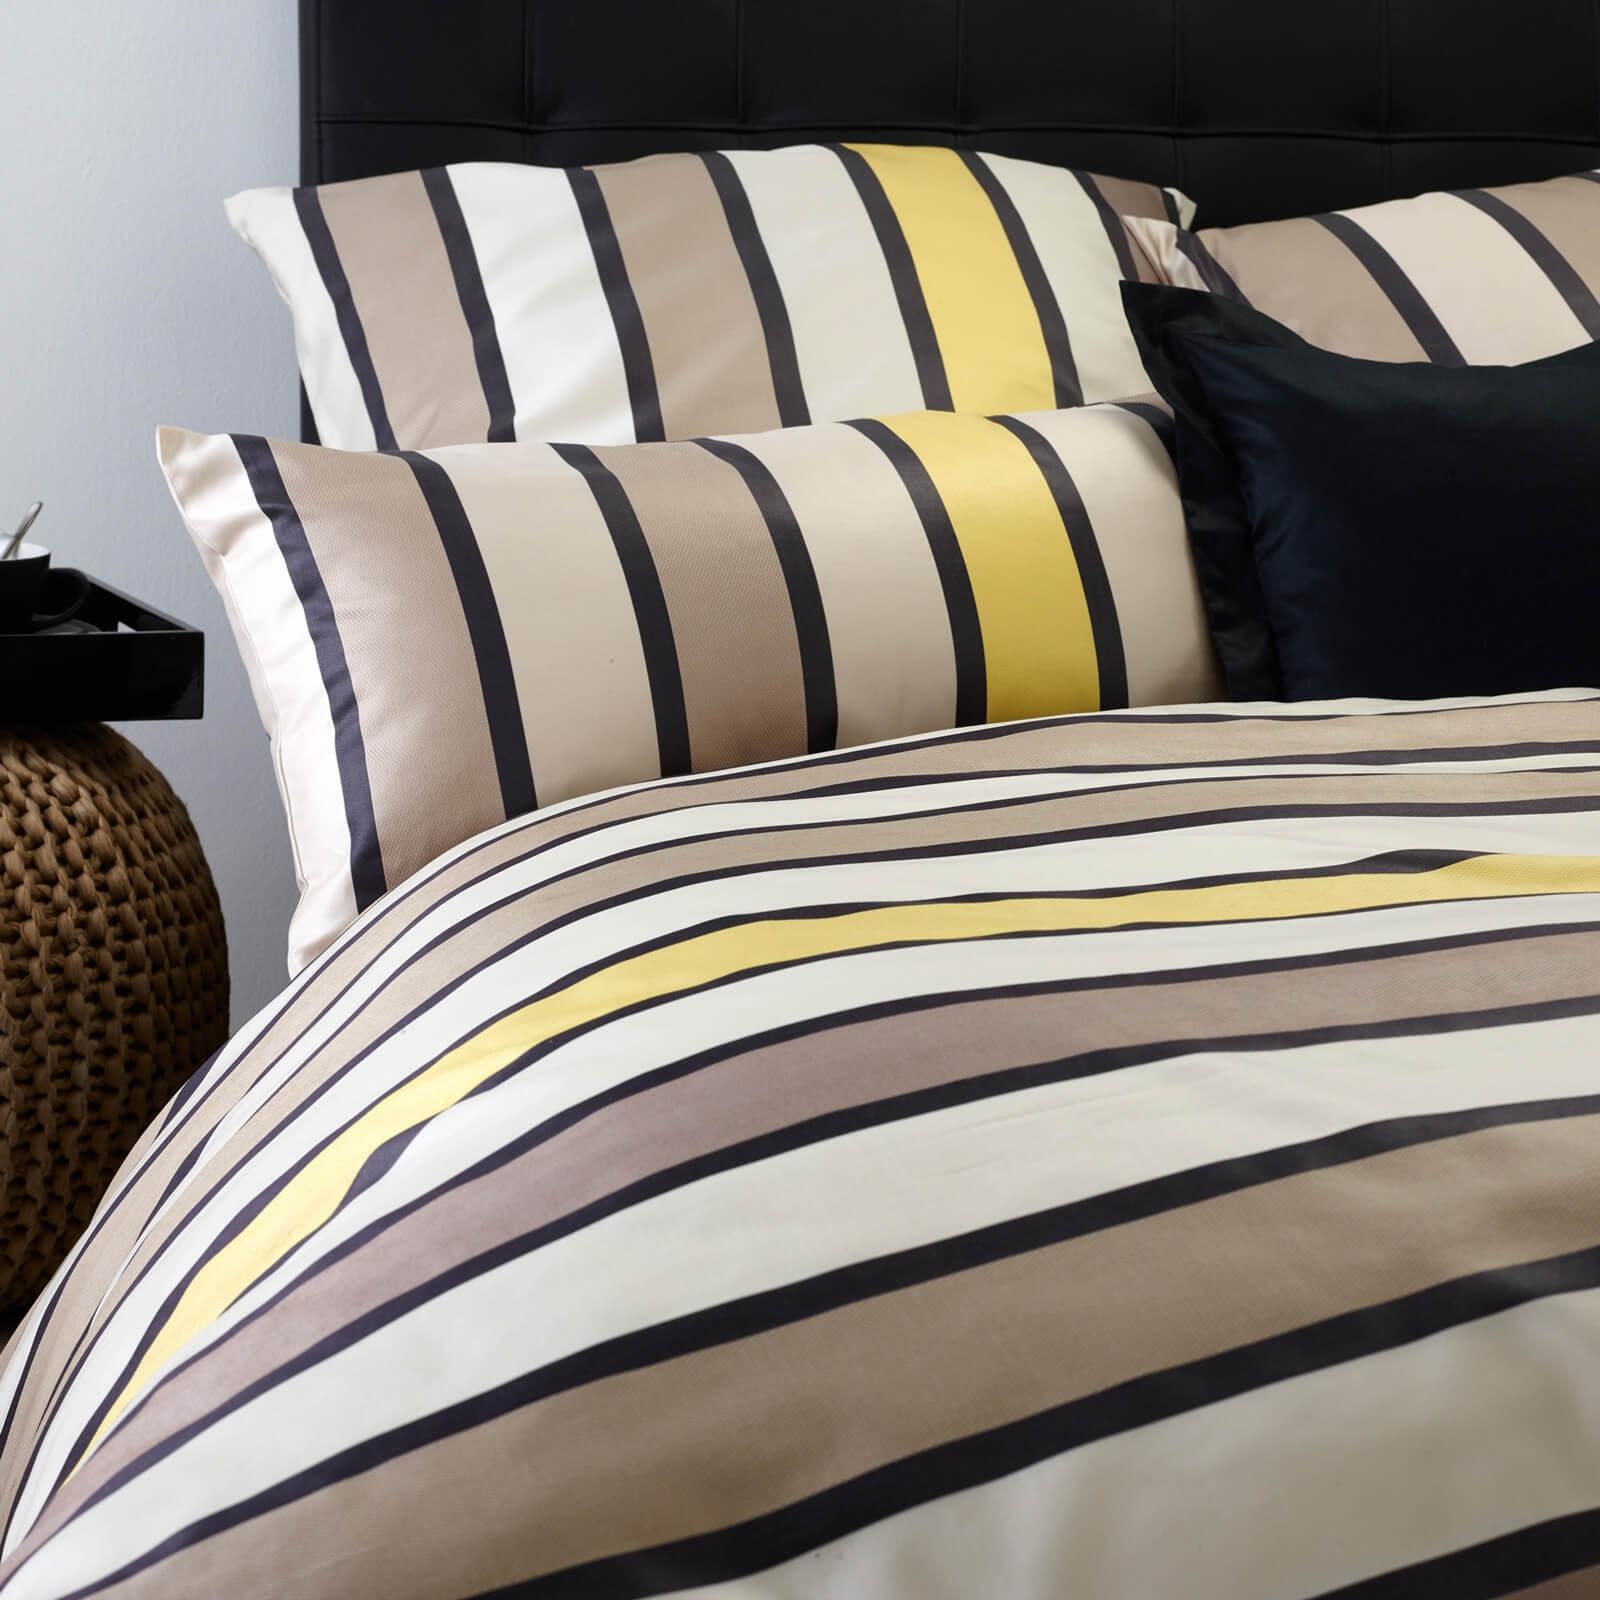 bettw sche curt bauer lodge 2491 braun gelb. Black Bedroom Furniture Sets. Home Design Ideas